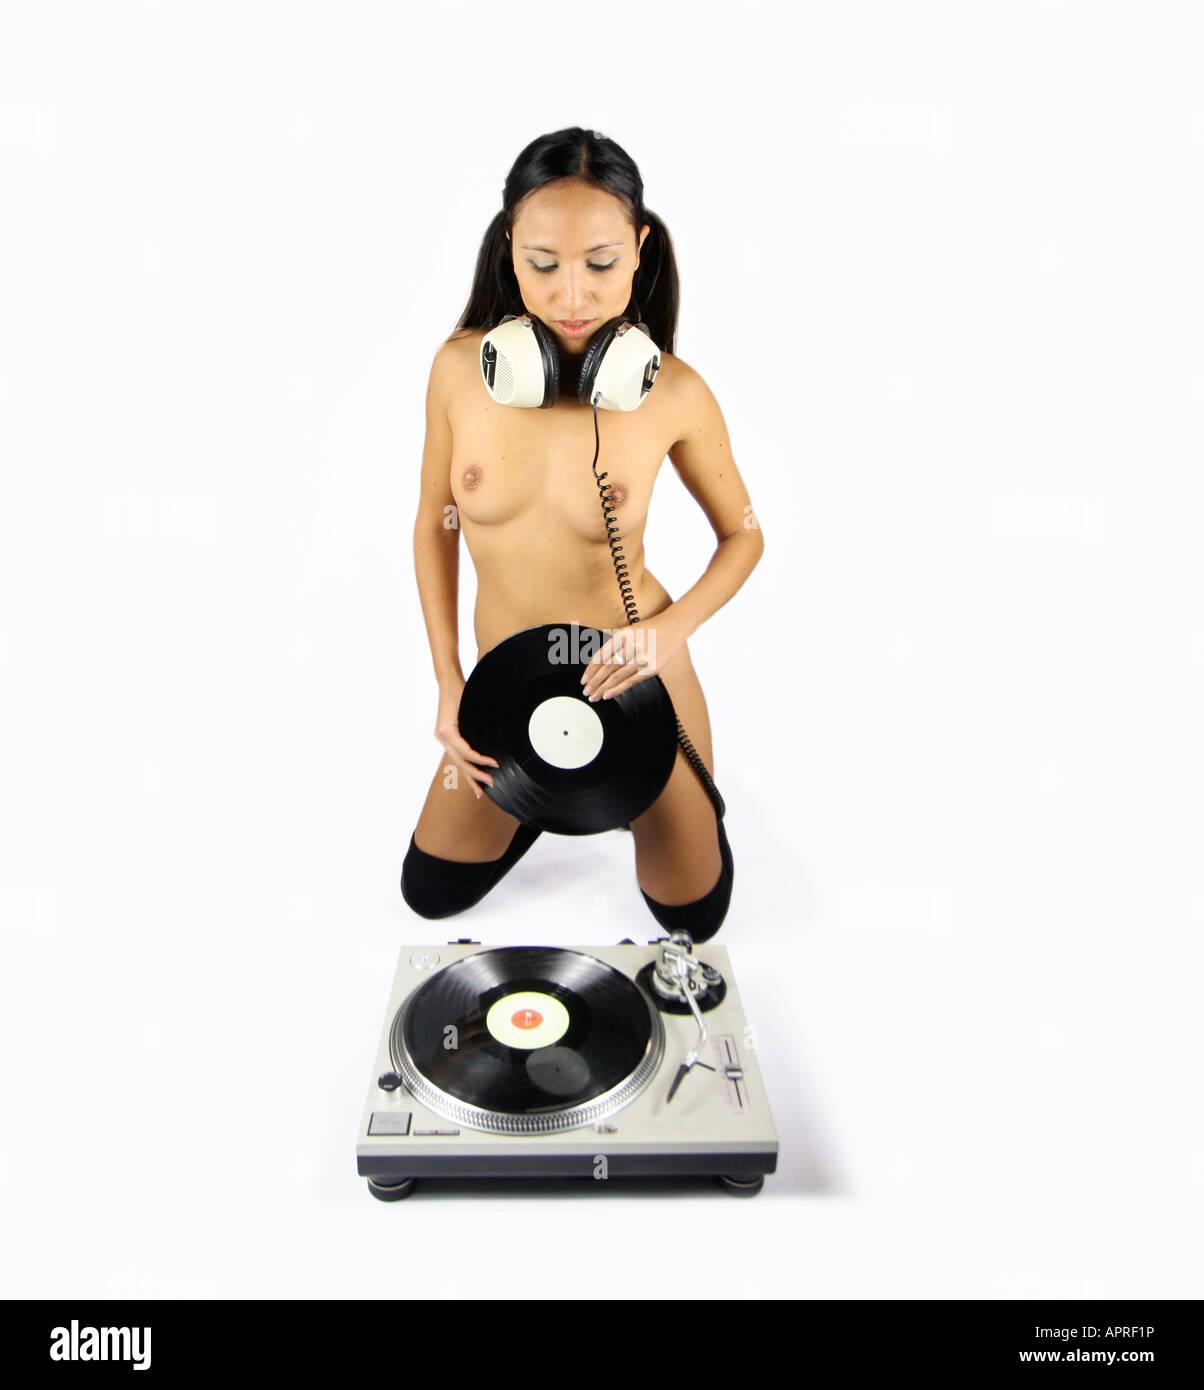 Una Hermosa Joven Desnuda Dj Pone Un Registros Sobre Una Plataforma